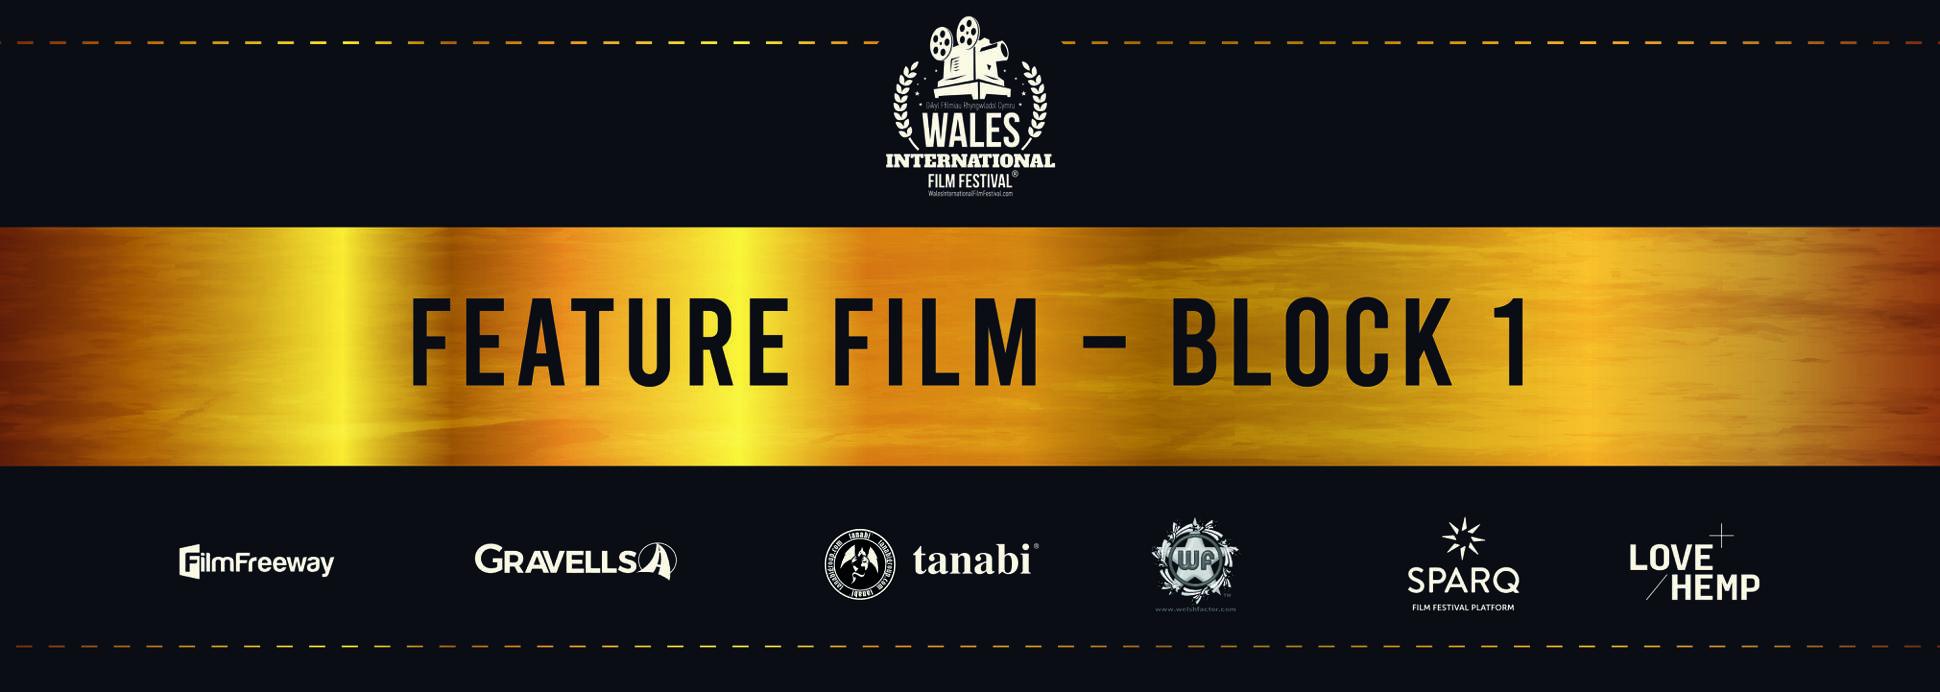 Feature Film - Block 1